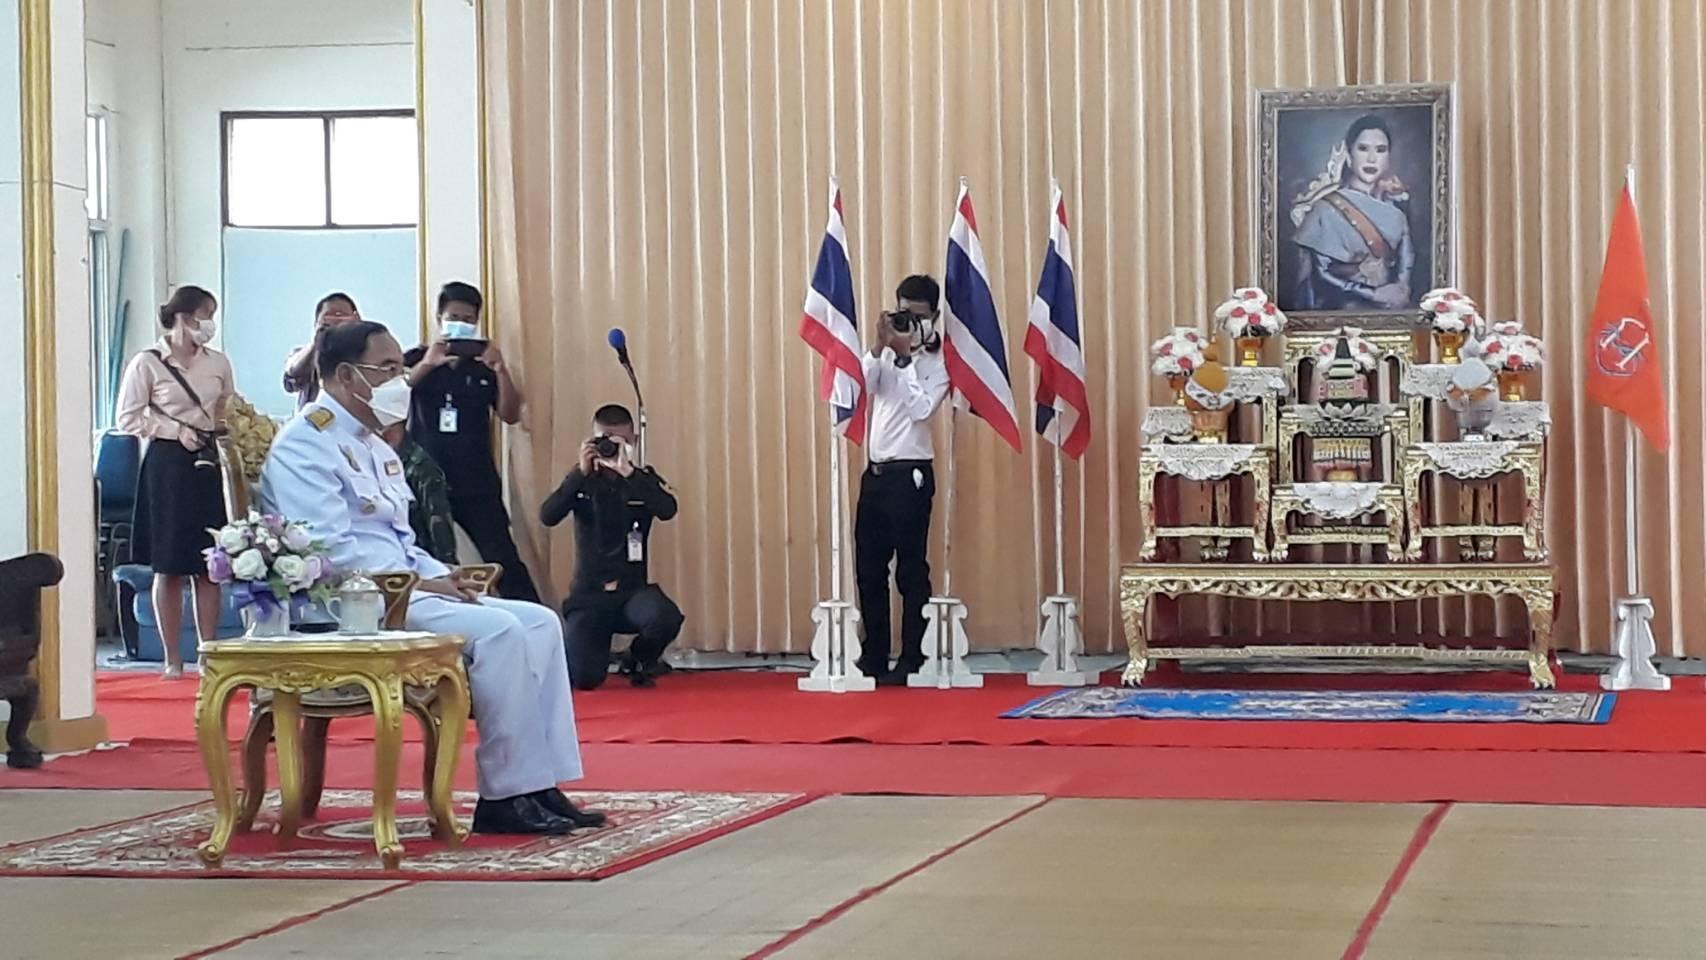 สำนักงานจัดหางงานจังหวัดสุรินทร์ เข้าร่วมพิธีเจริญพระพุทธมนต์สมเด็จพระเจ้าน้องนางเธอ เจ้าฟ้าจุฬาภรณ